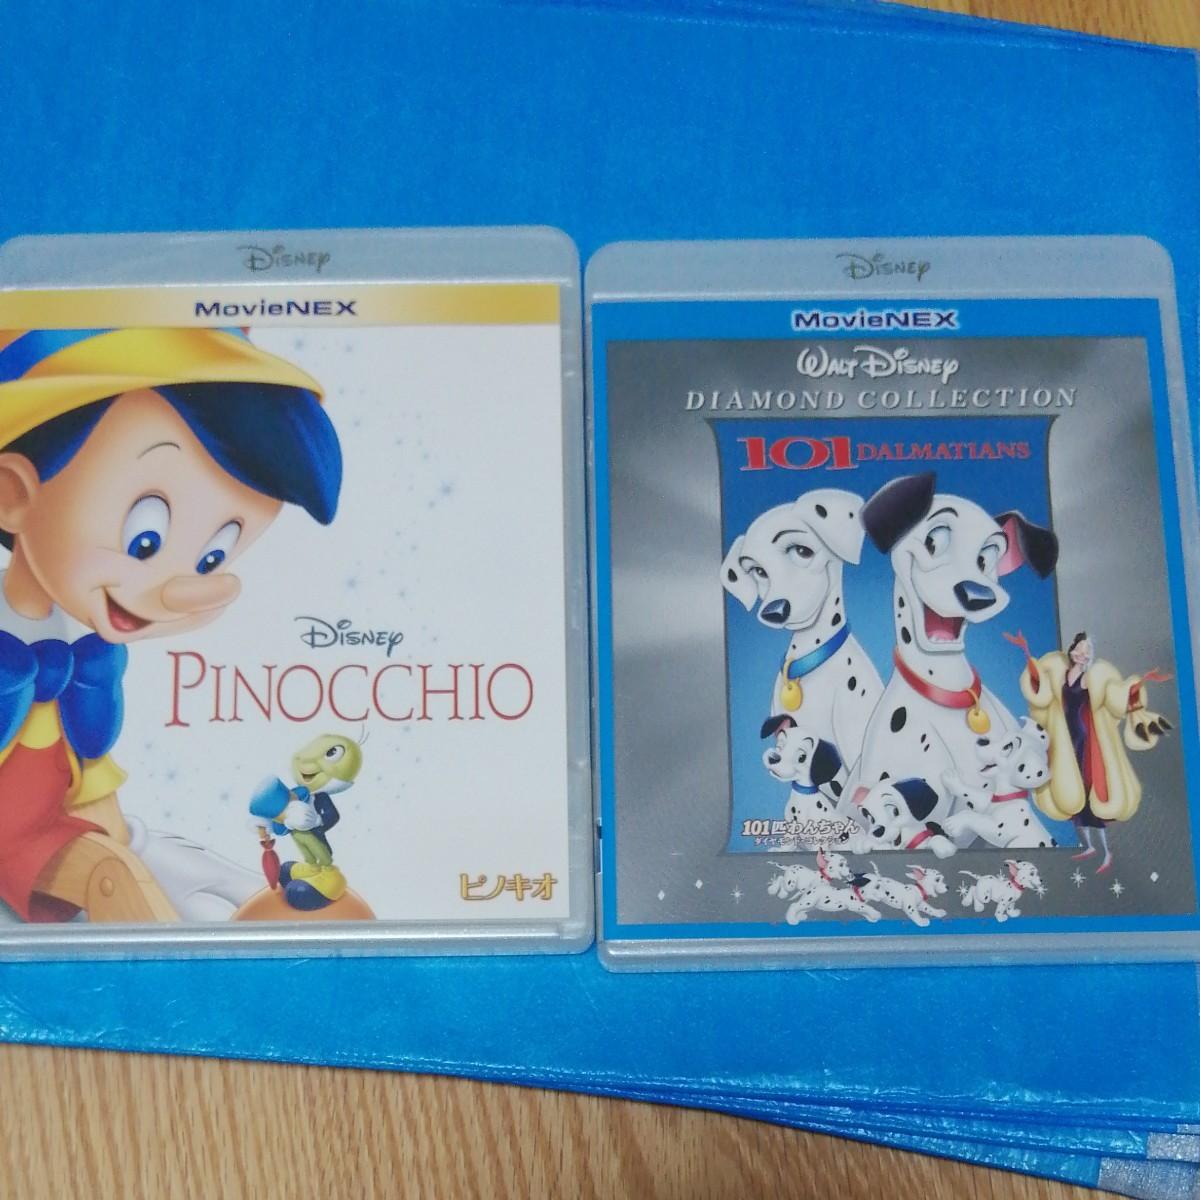 ディズニー ピノキオ 101わんちゃん DVD純正ケース付き2点セット